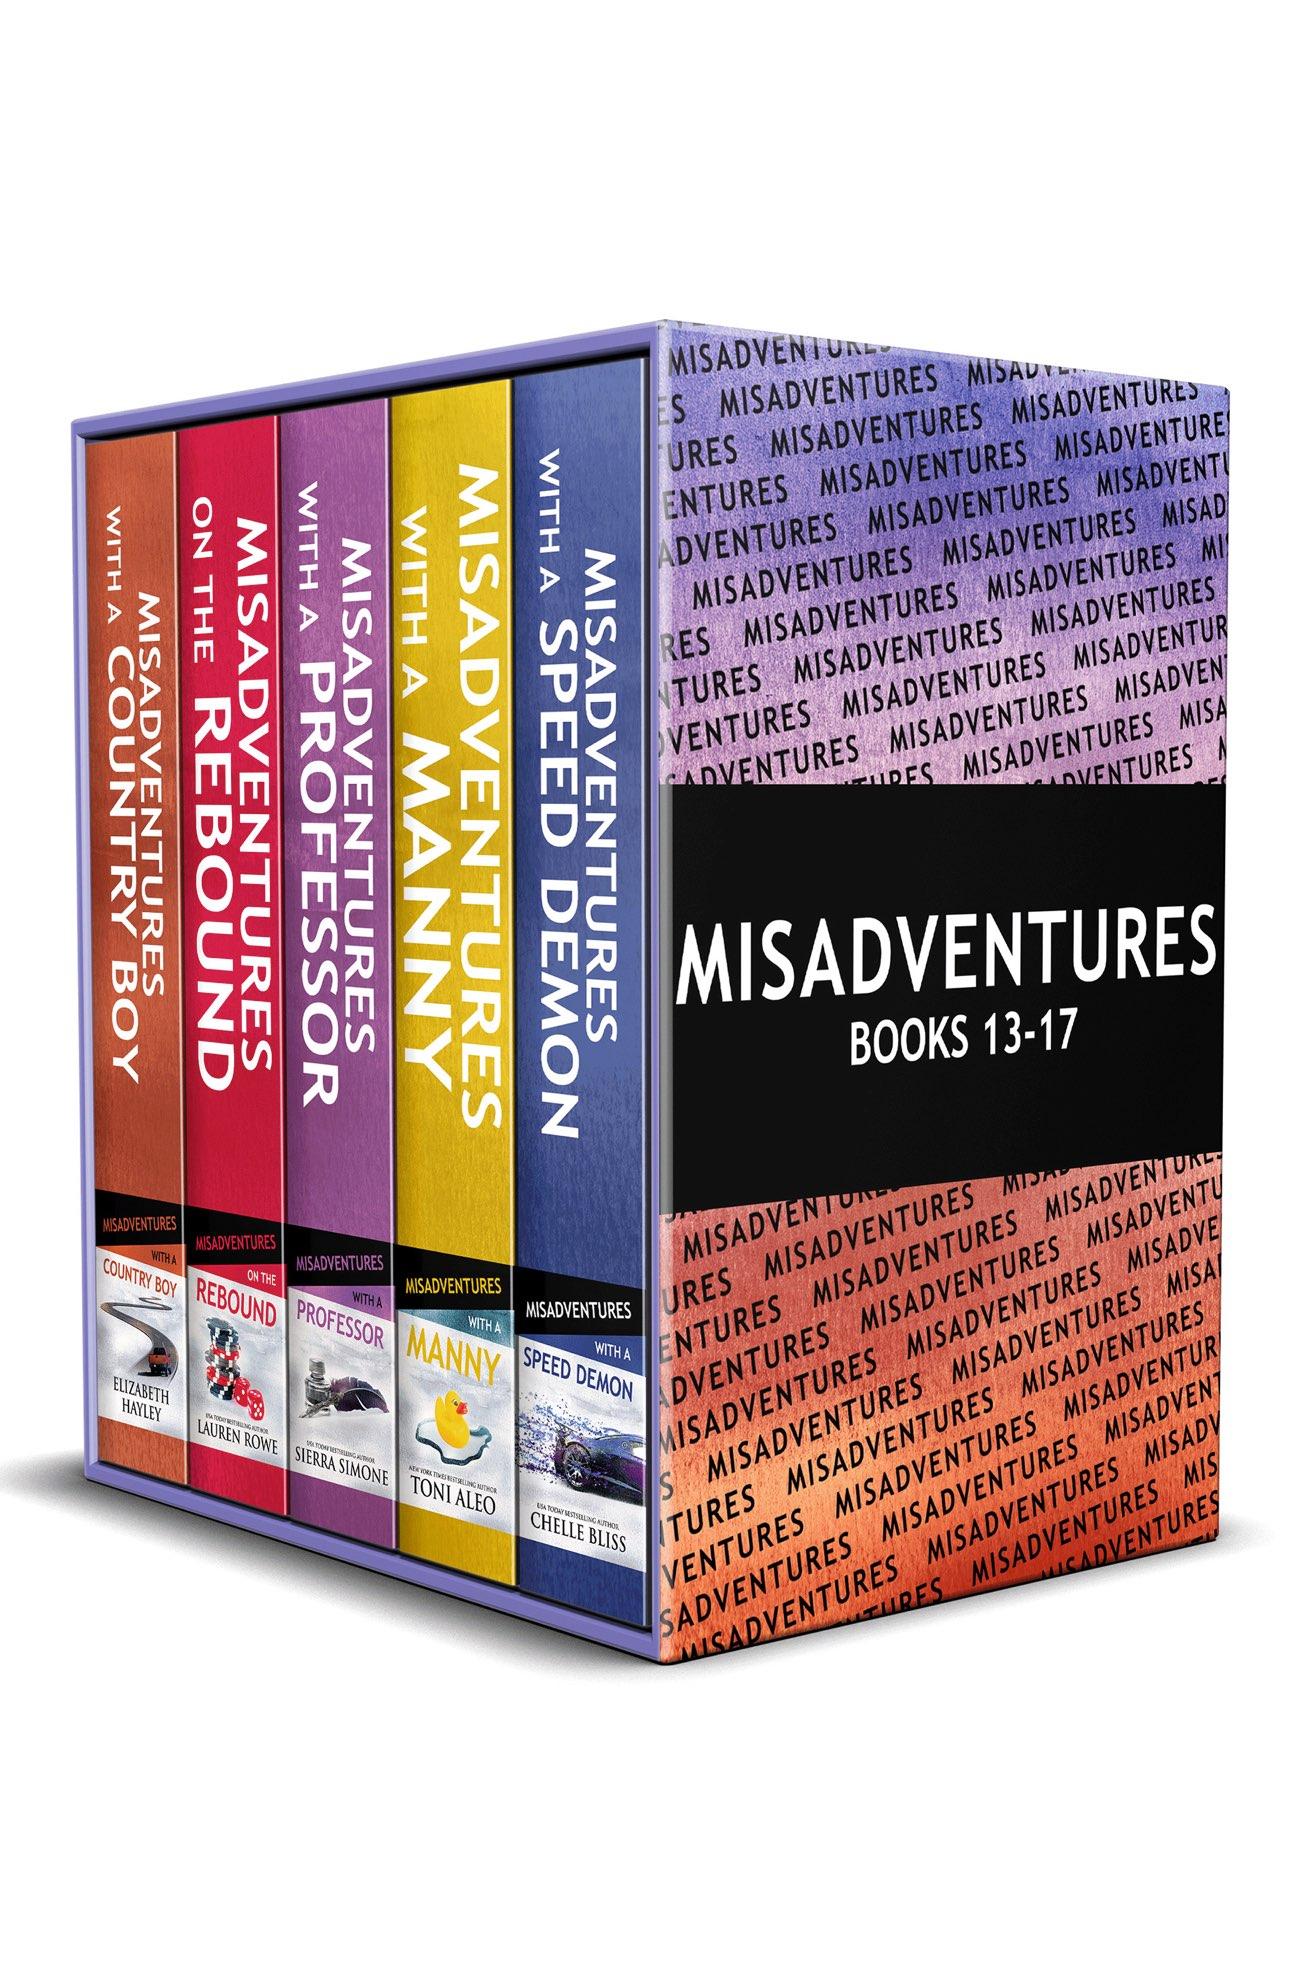 Misadventures Series Anthology Misadventures Series, Books 13-17